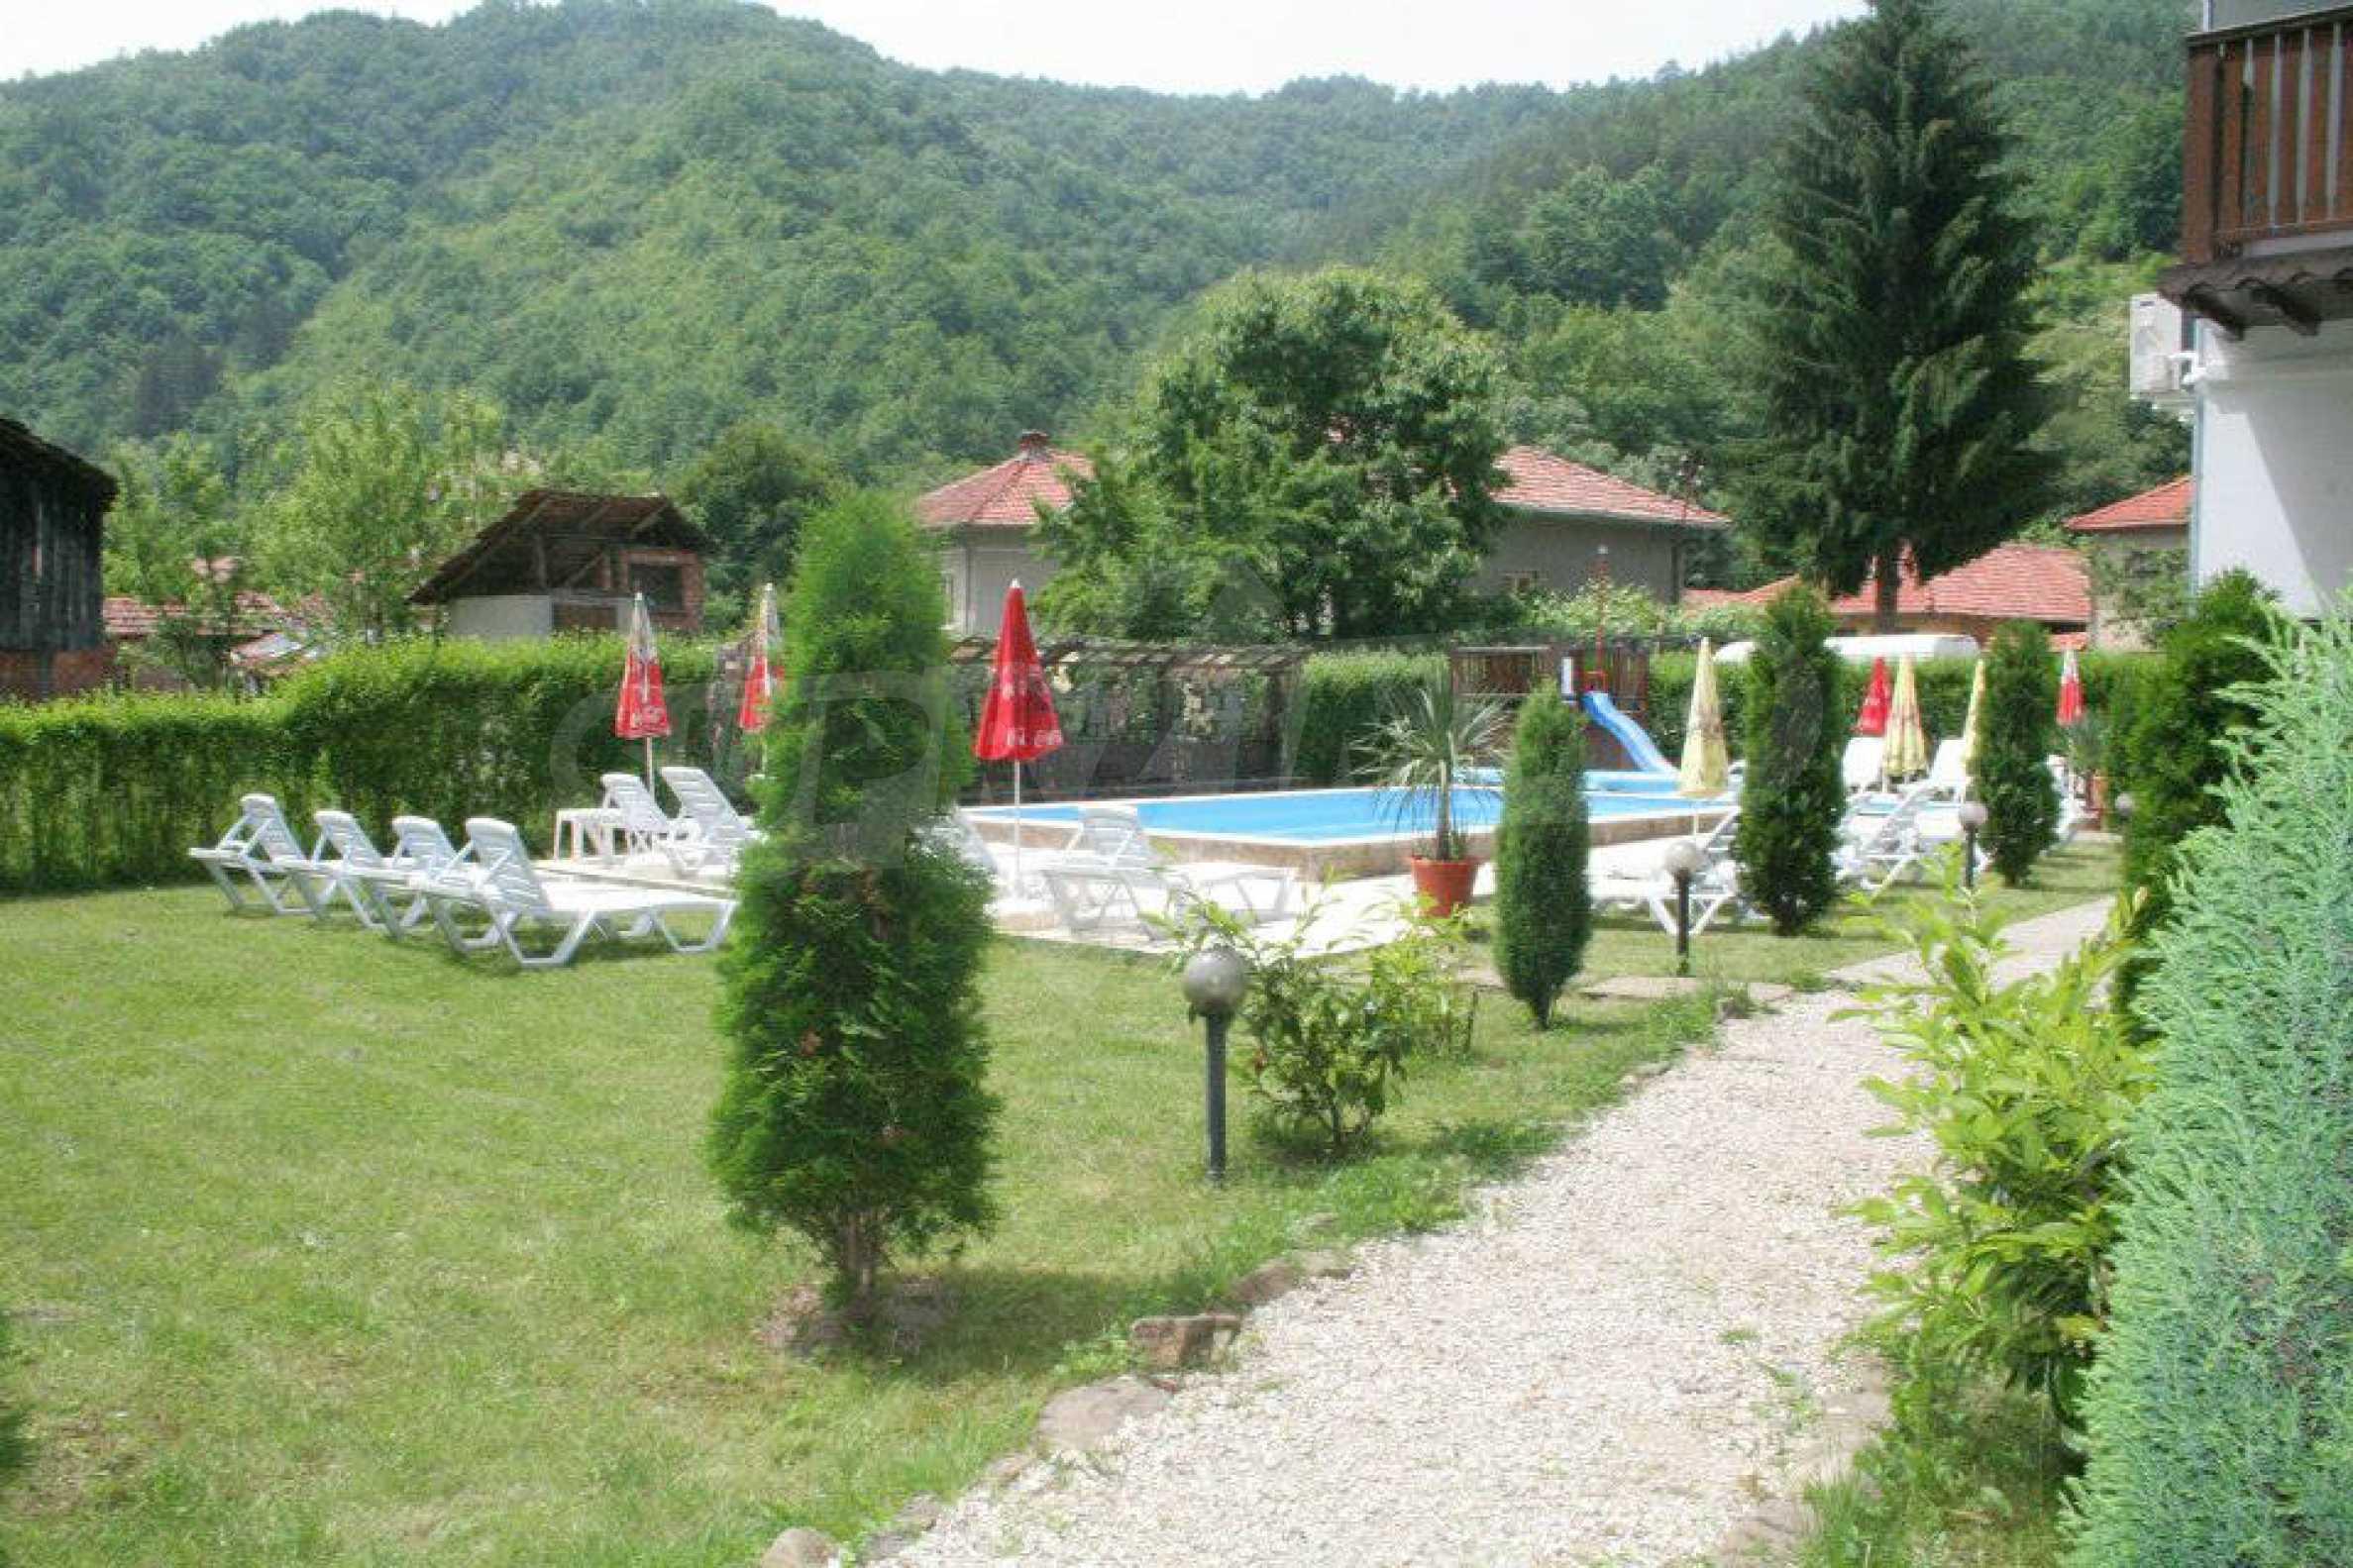 Gemütliches Hotel mit Pool im Herzen des Balkangebirges 7